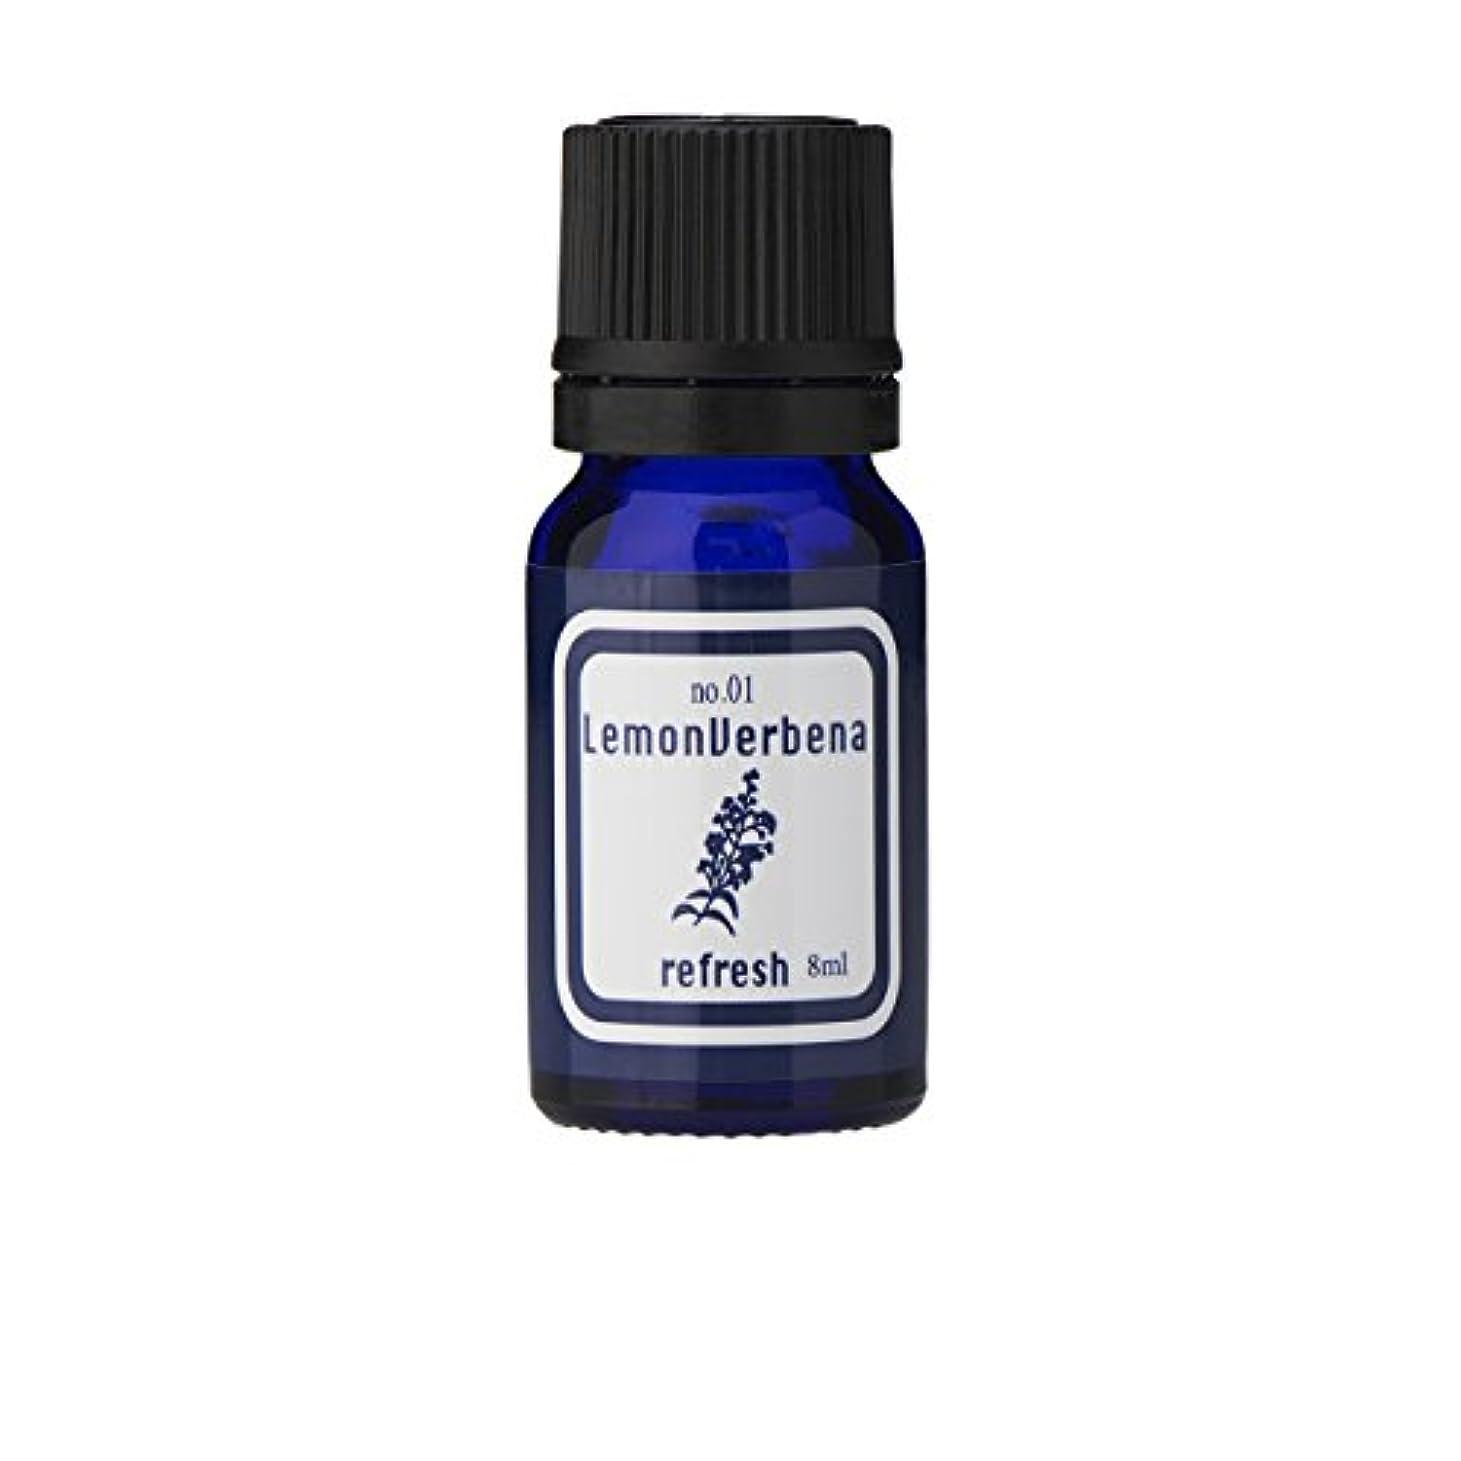 残酷な指令洗うブルーラベル アロマエッセンス8ml レモンバーベナ(アロマオイル 調合香料 芳香用)